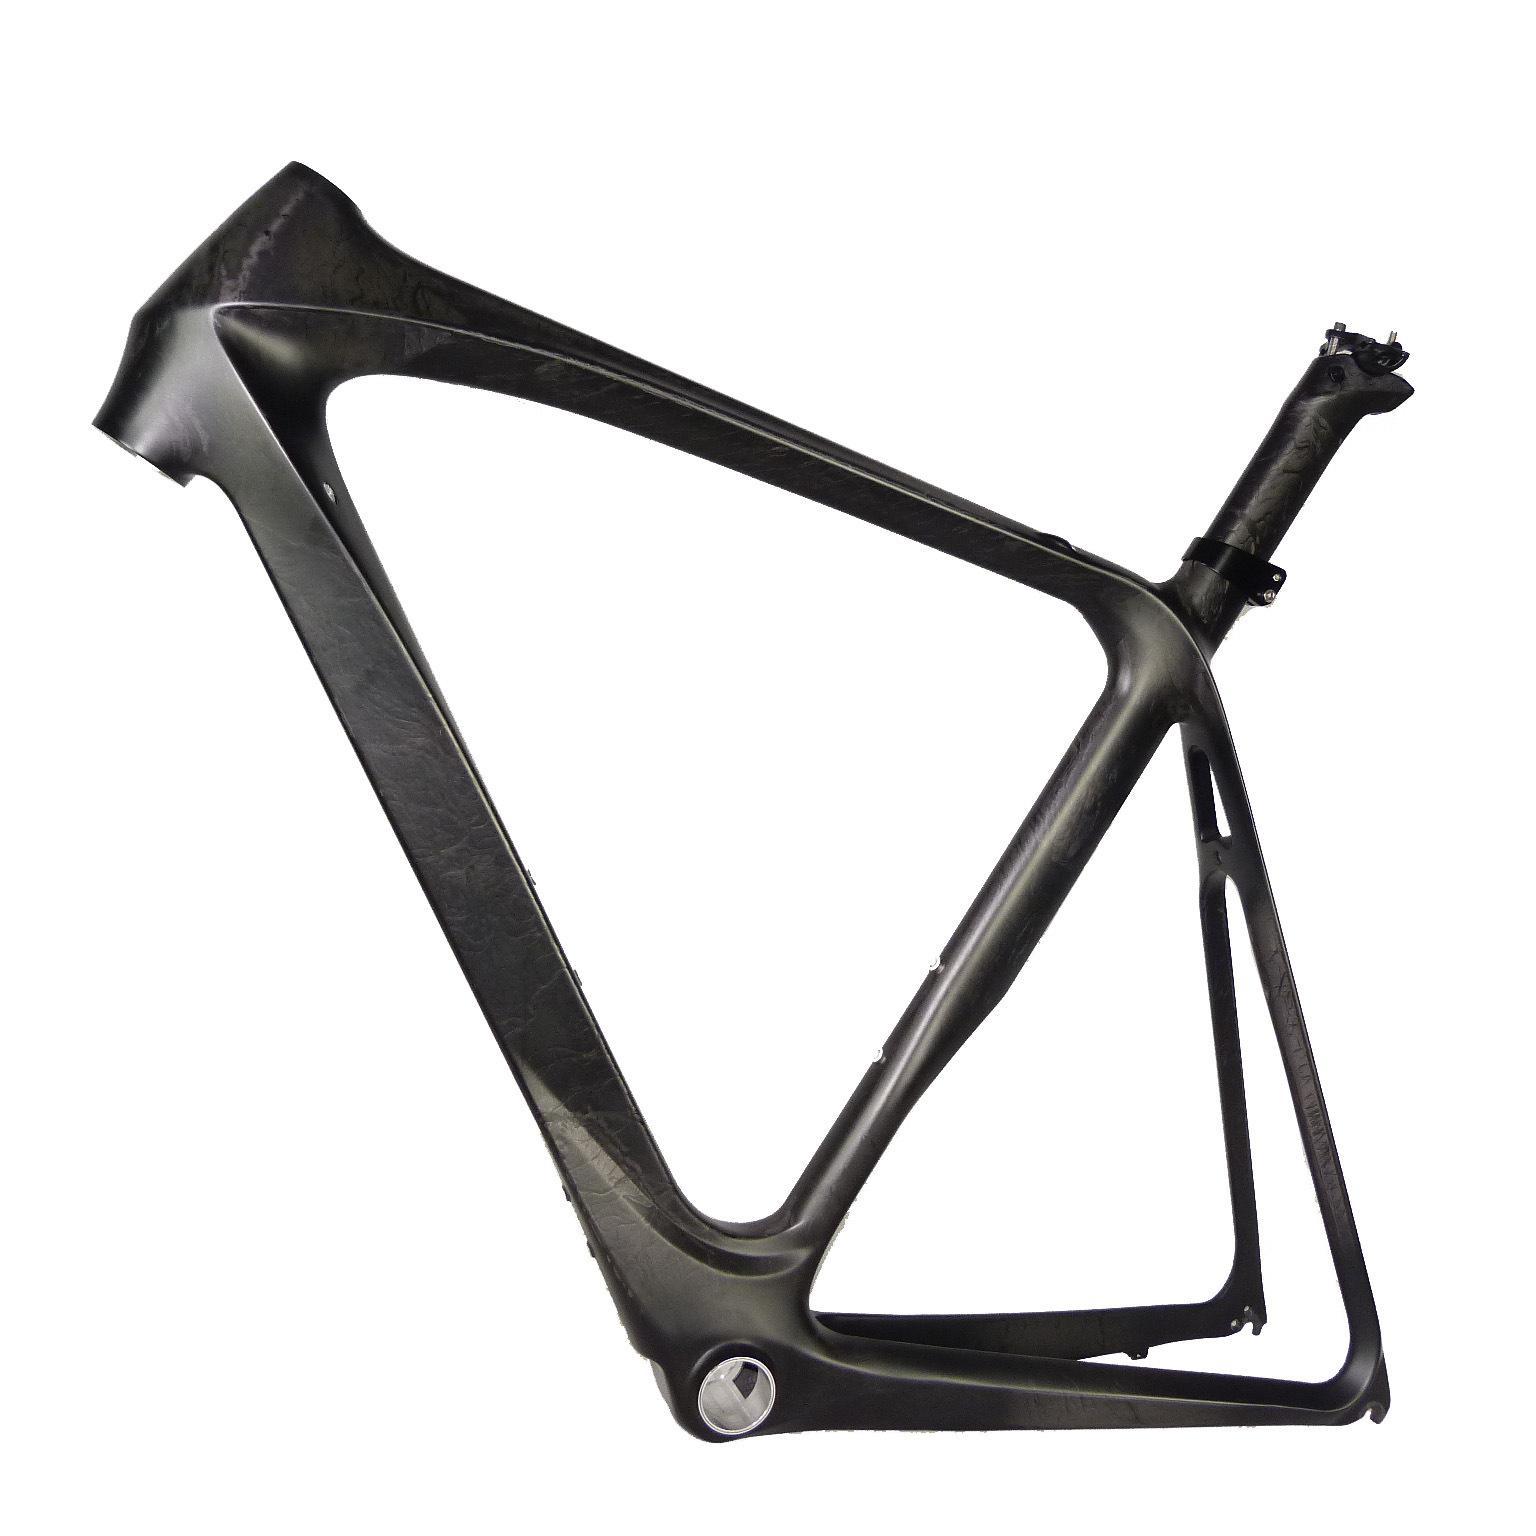 arbon carbon fiber road frame seat tube frame ssp won cycle d i awards awards carbon road bike frames track bike frames from supplysport